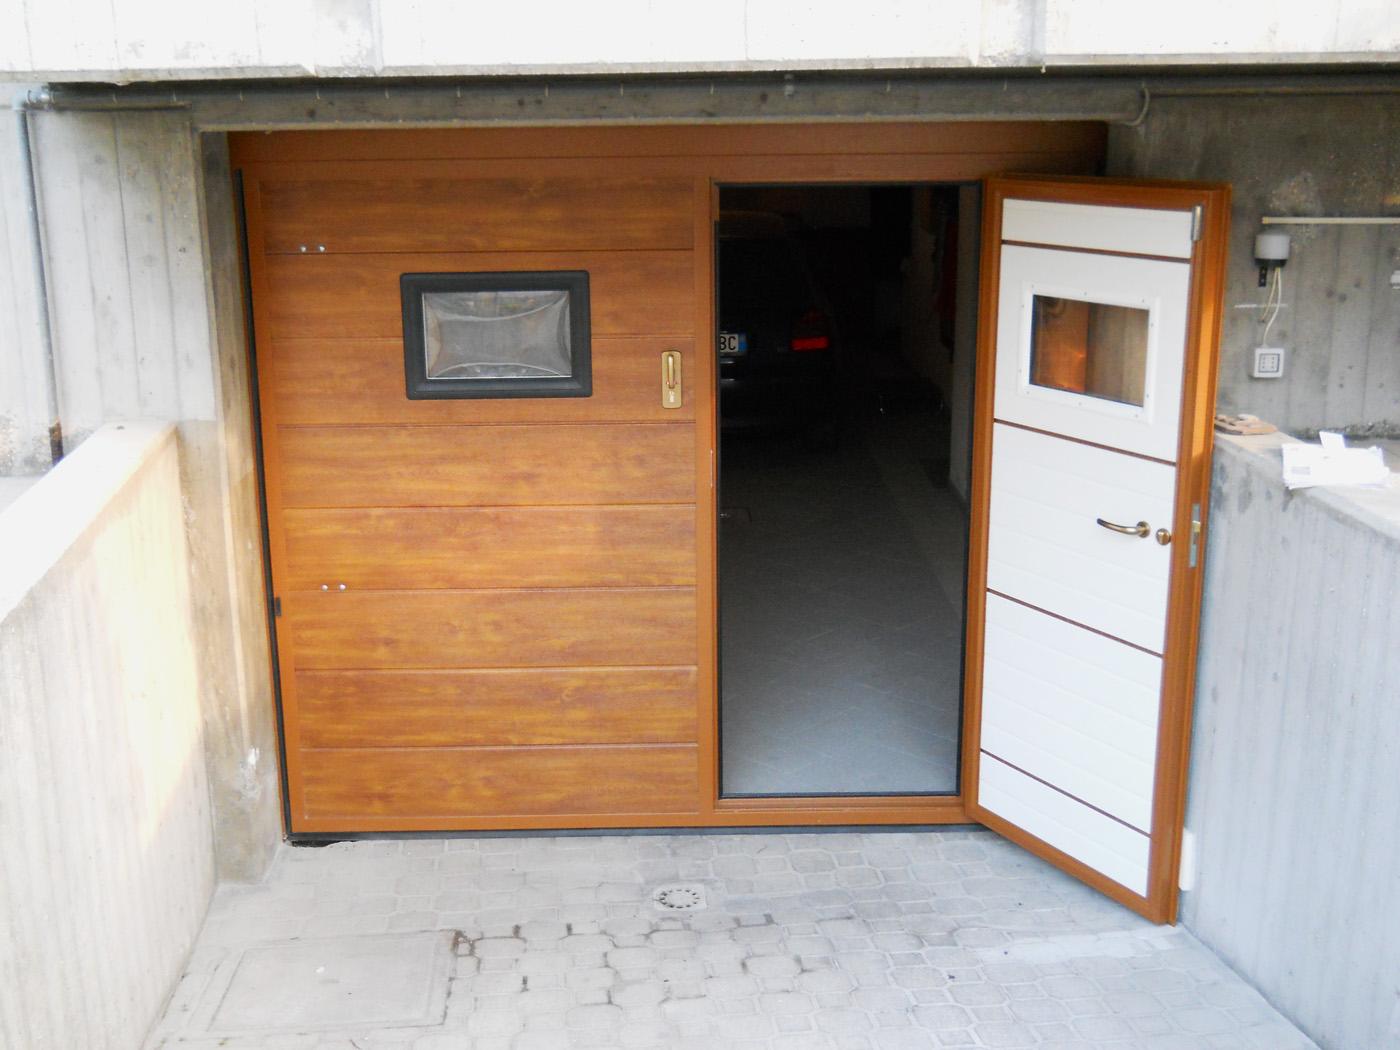 basculante pannelli finto legno chiaro, porta pedonale, 2 oblo - Edilbox- Forlì Cesena - Rimini - Faenza - Ravenna - Imola